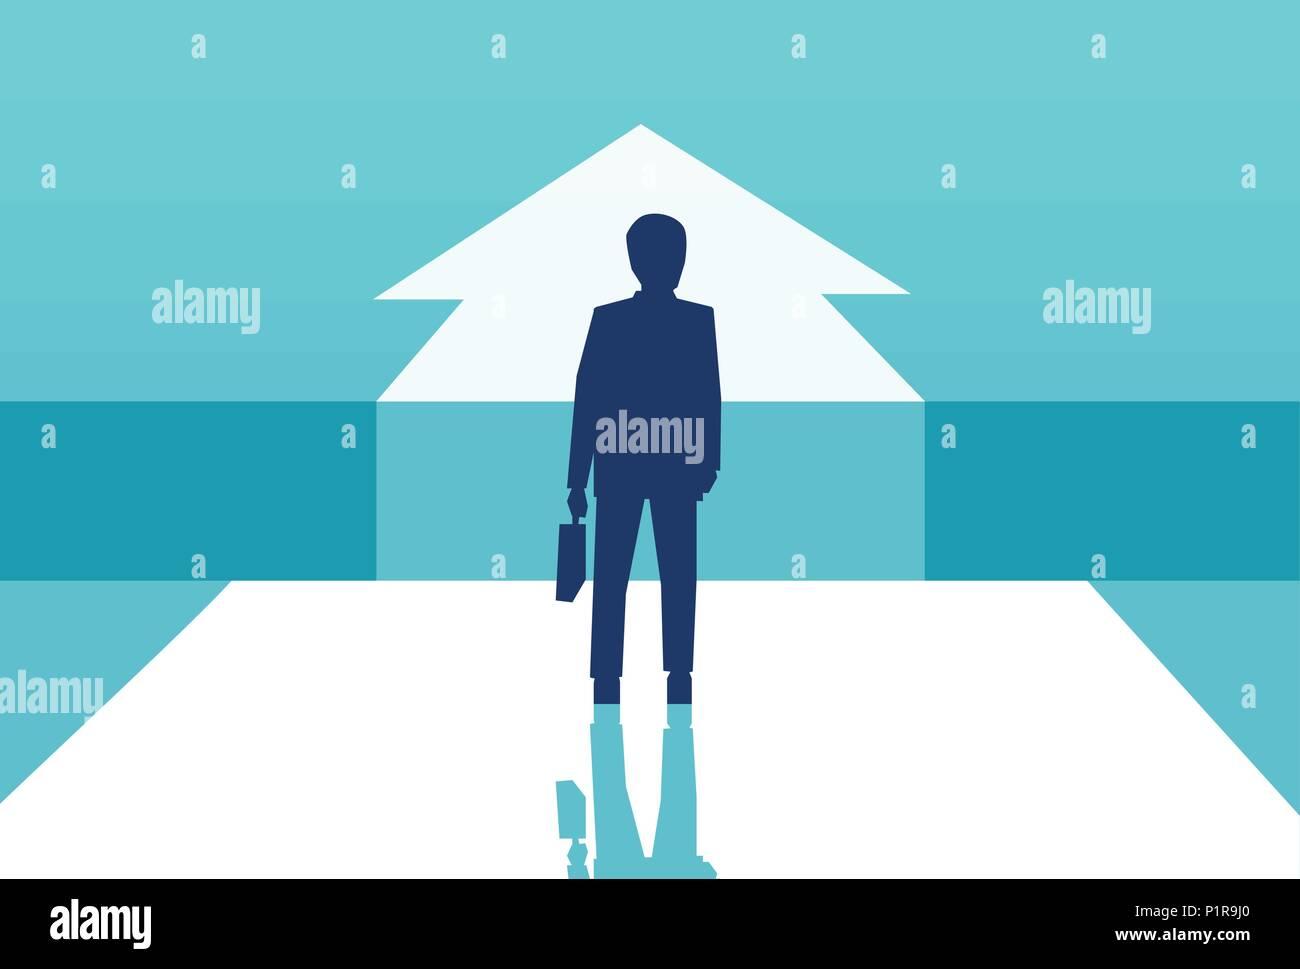 Concepto Vector imagen de empresario silueta de pie delante de la flecha la elección futura carrera. Imagen De Stock